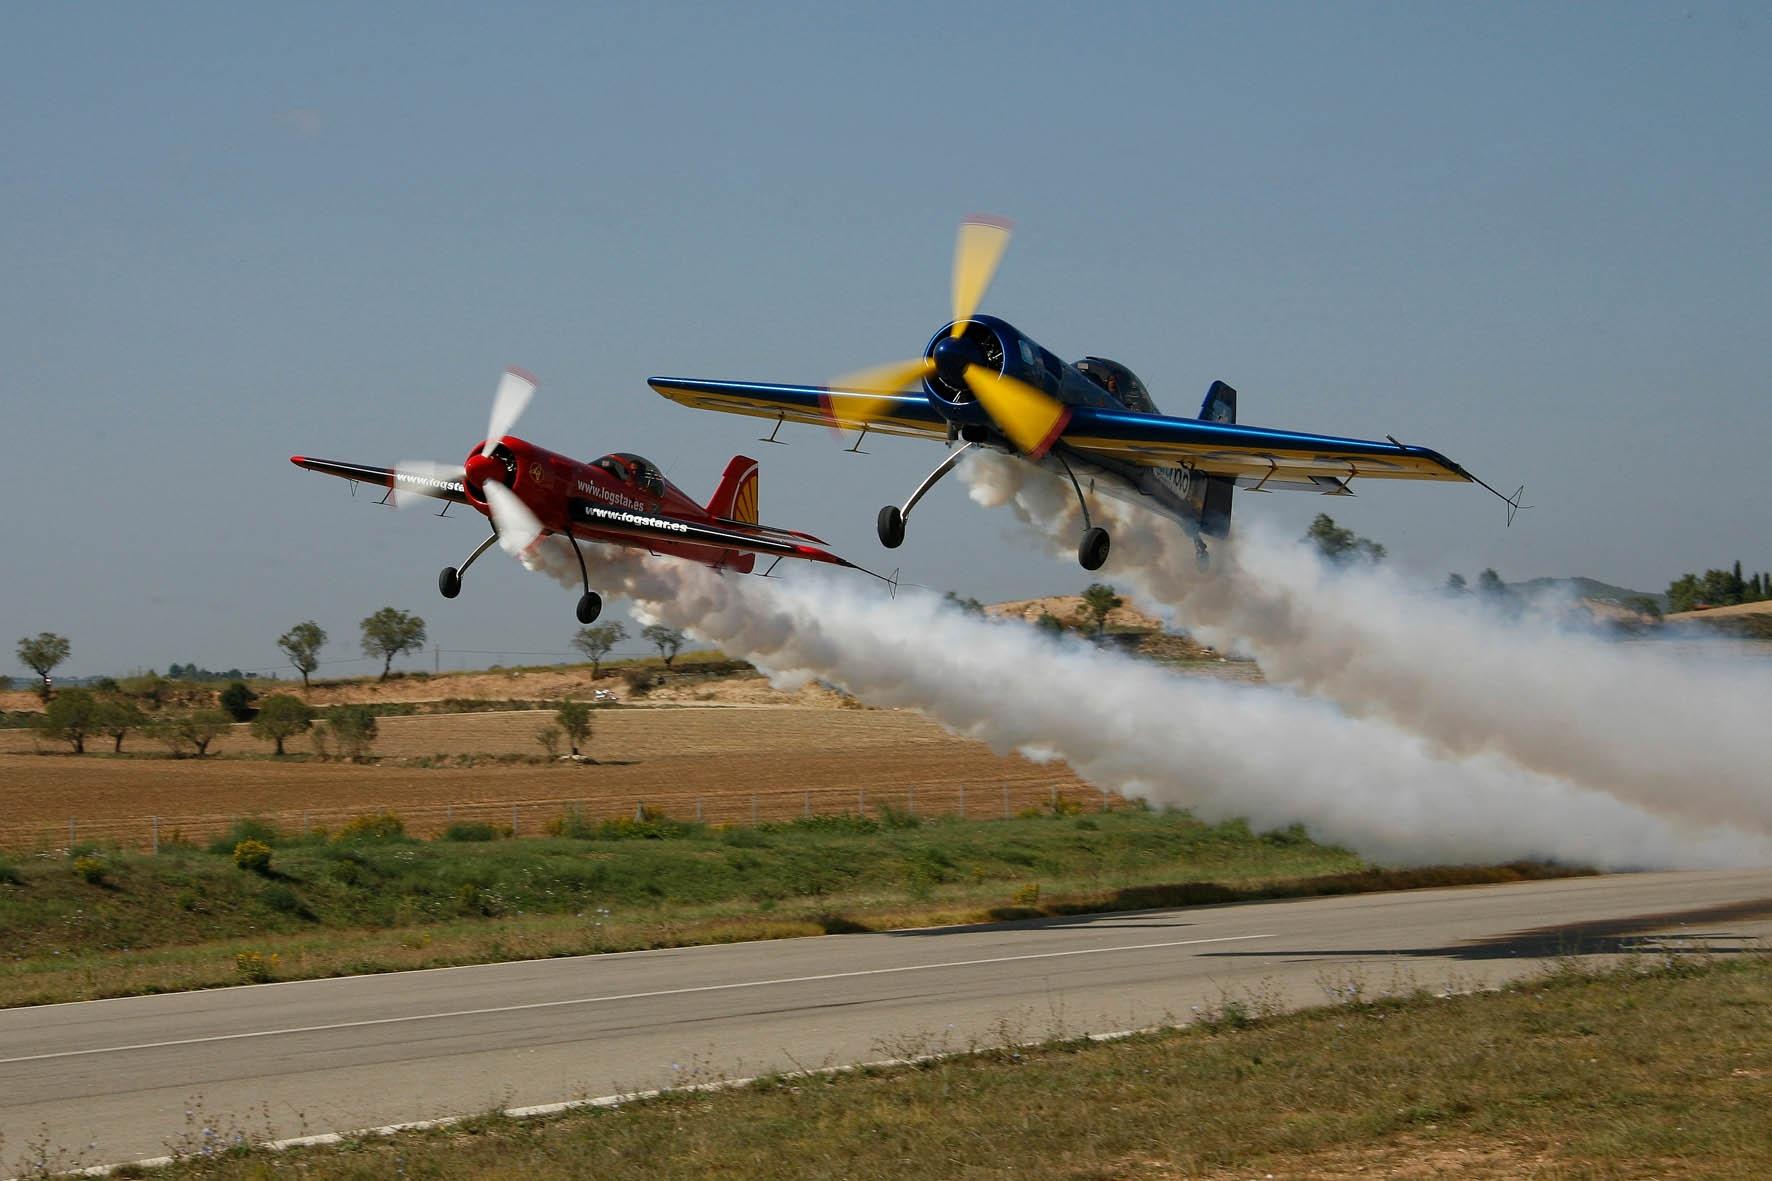 Una de les exhibicions a la fira Aerosport - foto Santi Carbonell